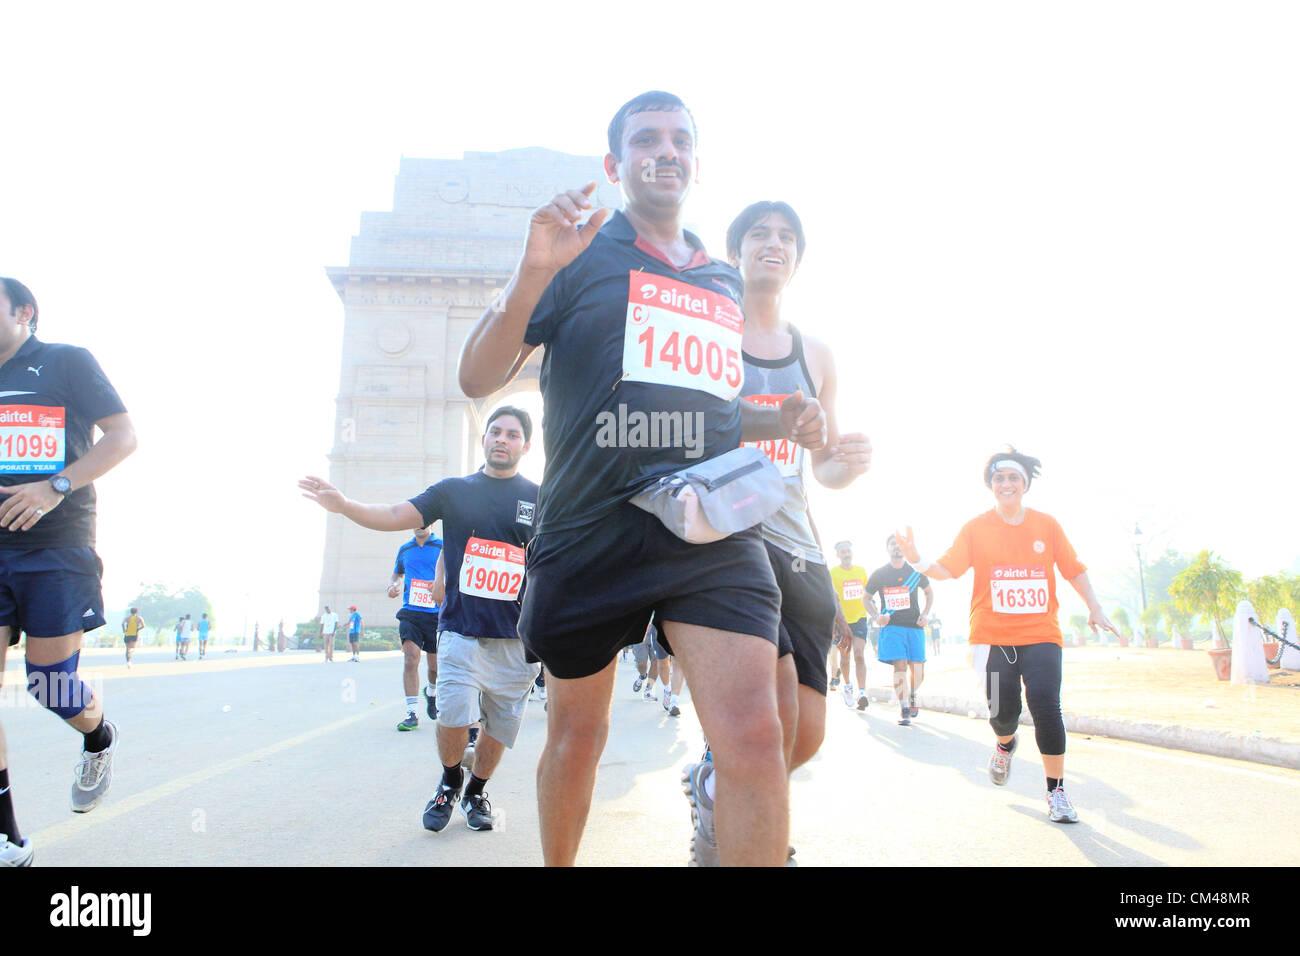 Septiembre 30, 2012 - Nueva Delhi, India - Delhi residentes participan en el medio maratón de Nueva Delhi como corren por el famoso hito de Nueva Delhi, la India Gate. (Crédito de la Imagen: © Subhash Sharma/ZUMAPRESS.com) Foto de stock